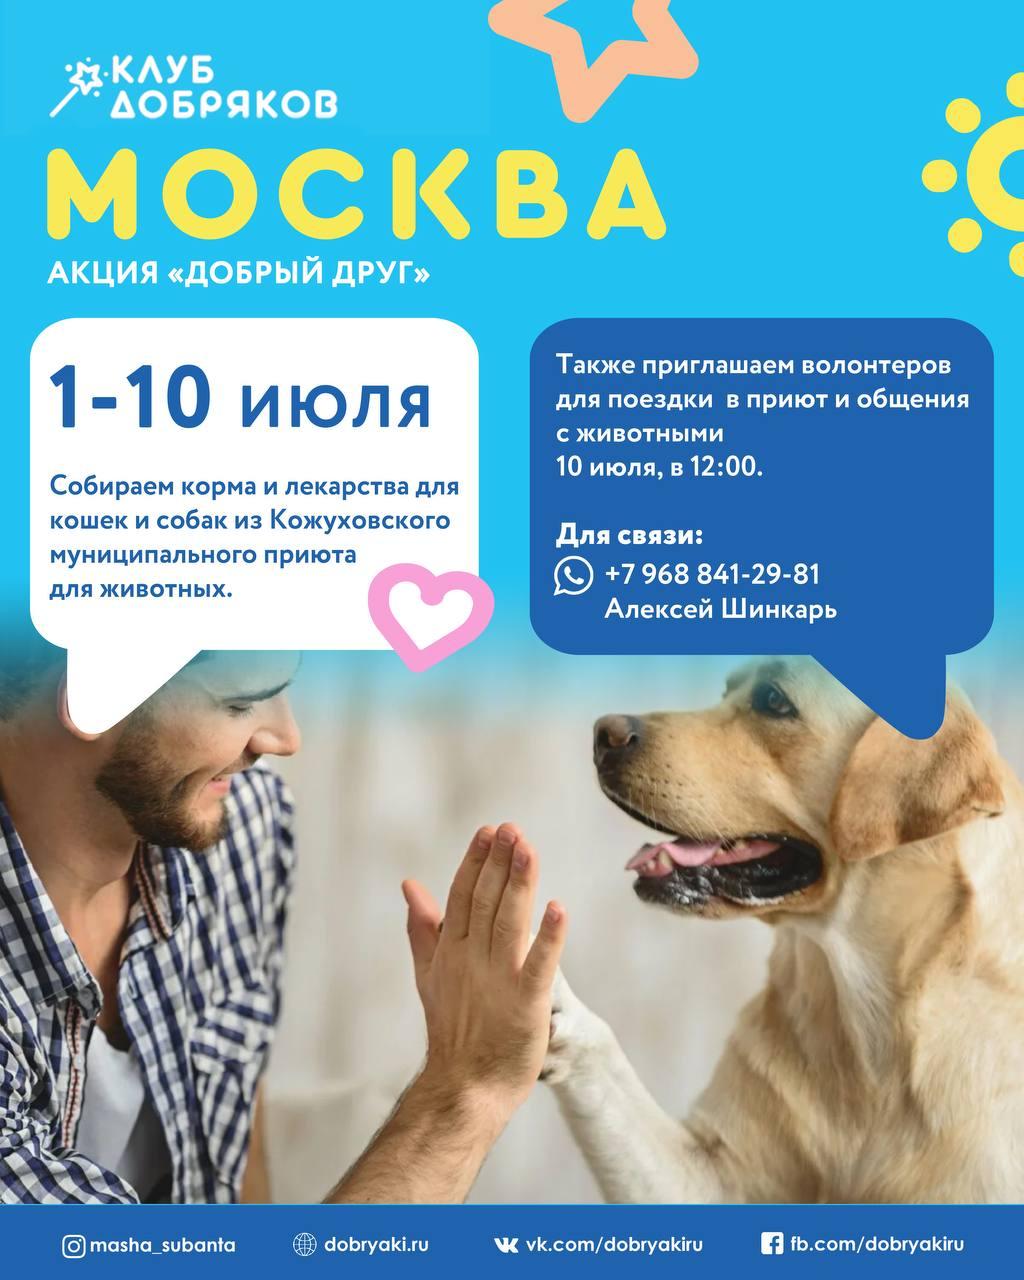 Добряки Москвы собирают корма и лекарства для животных из приюта